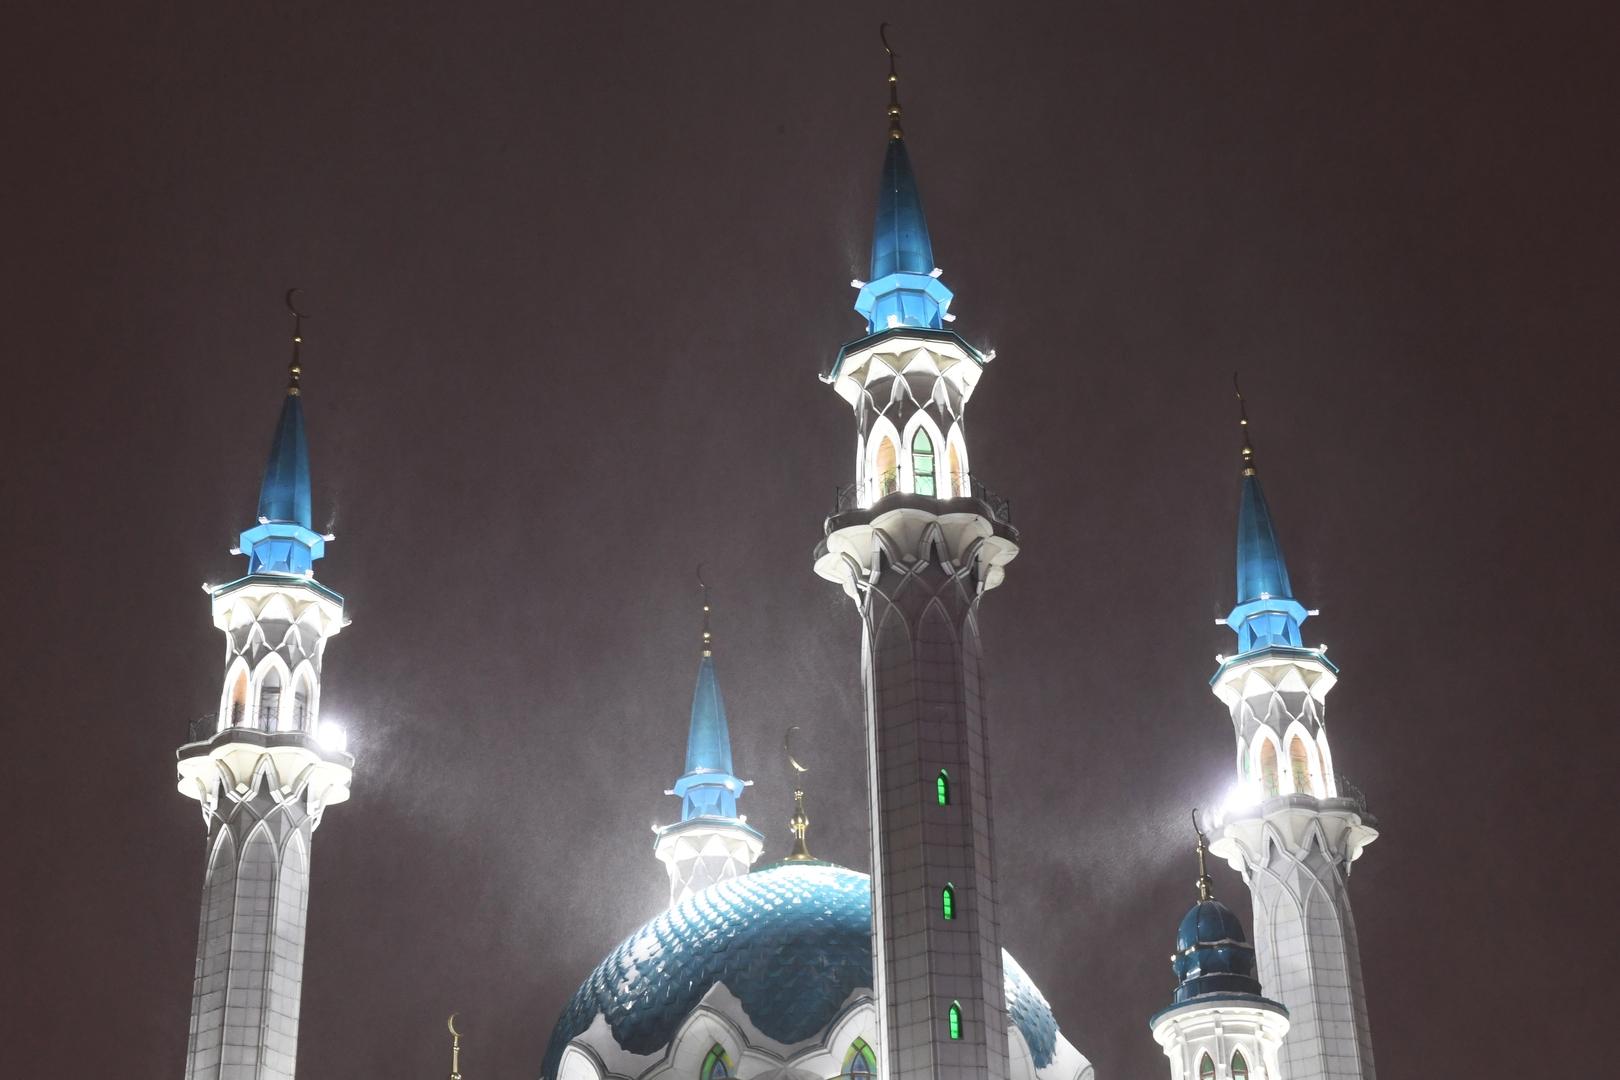 روسيا.. رجال الدين الأرثوذكس سيدرسون الإسلام في قازان